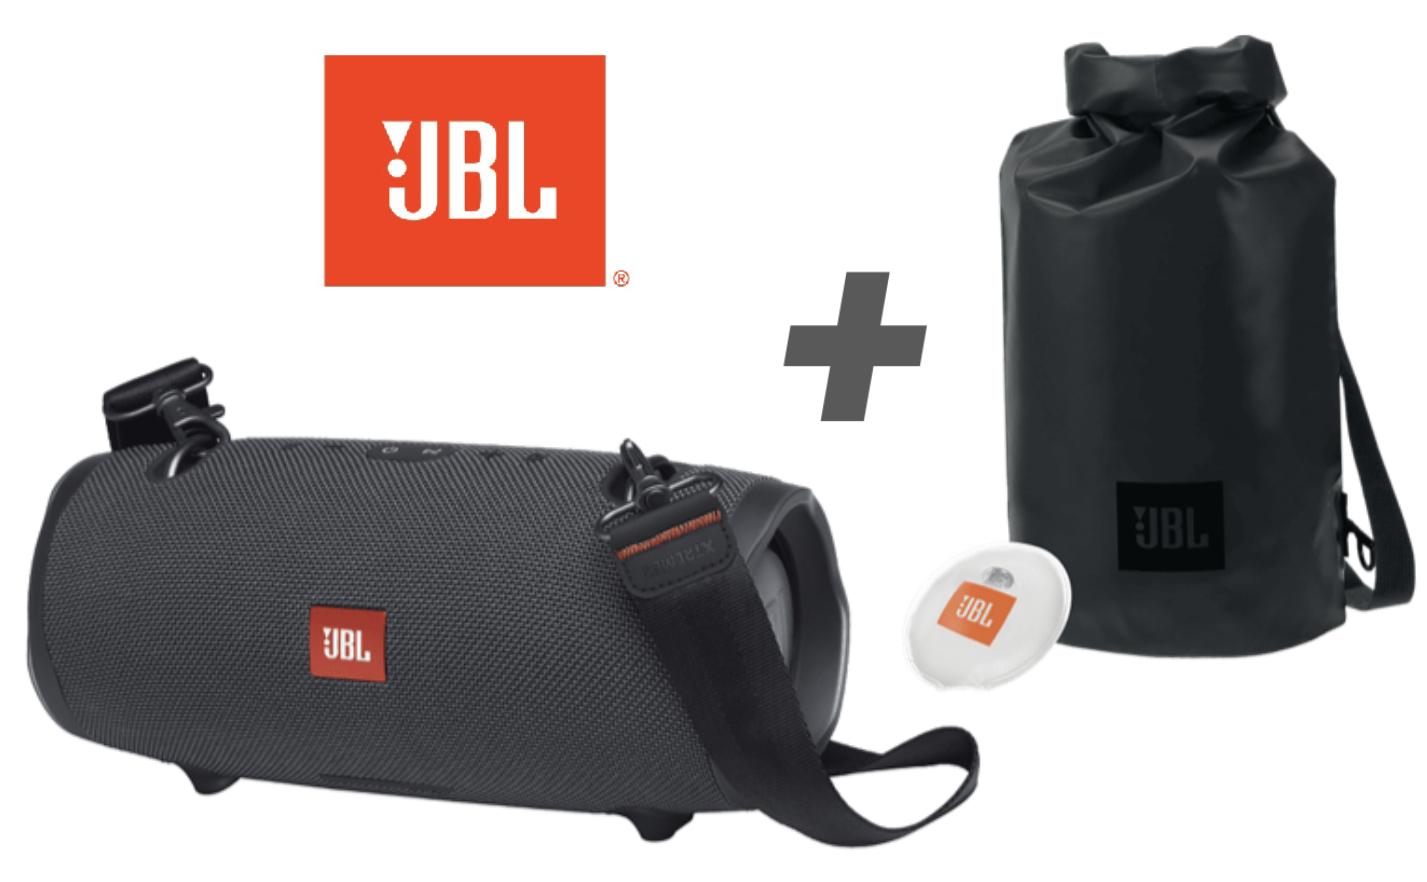 JBL Xtreme 2 Bluetooth Lautsprecher Gun Metal Wasserfest + JBL Winter Party Pack Lautsprechertasche für zusammen 189€ inkl. Versandkosten